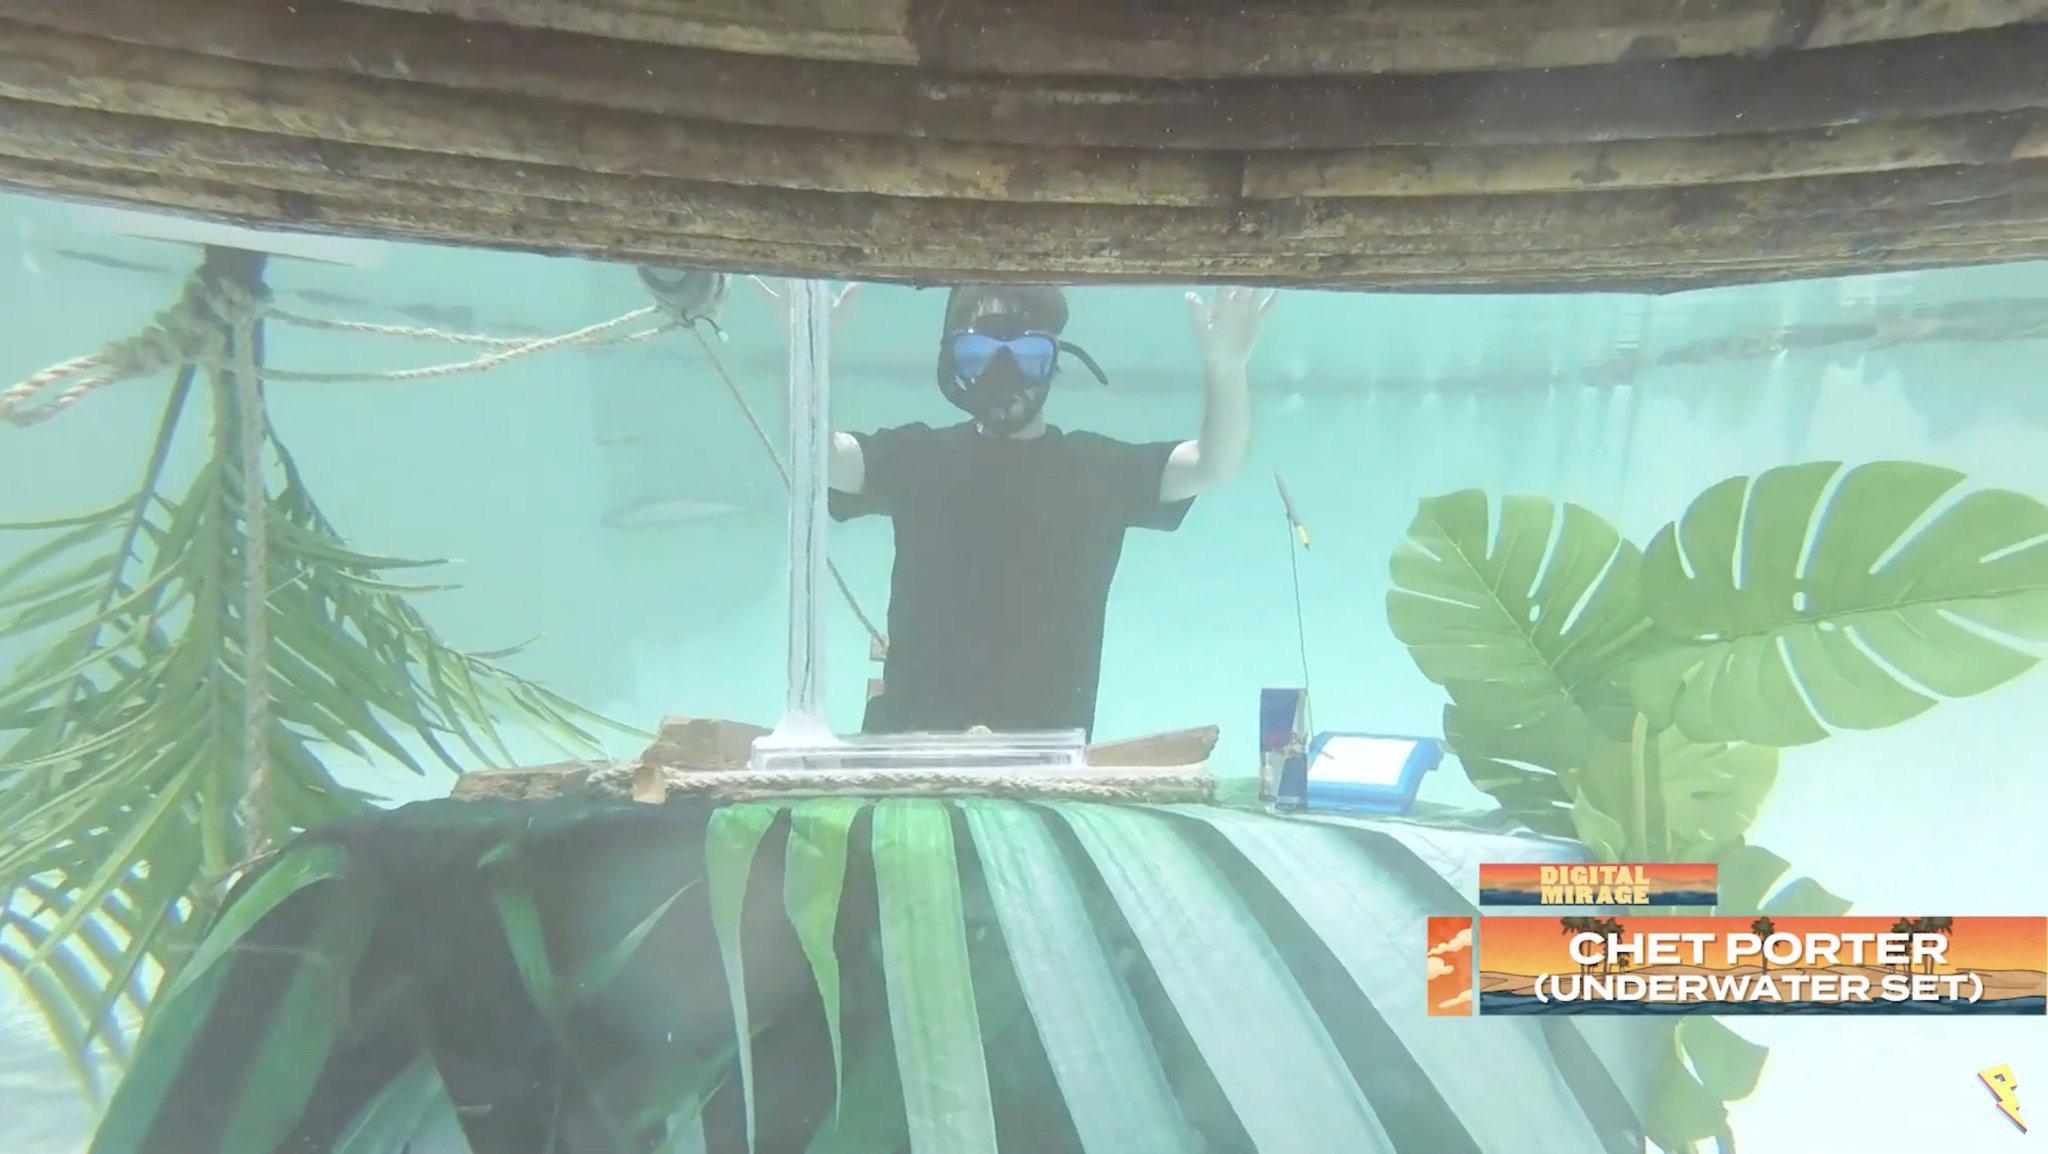 Un dj set sott'acqua? Si può! YOUparti Chet Porter